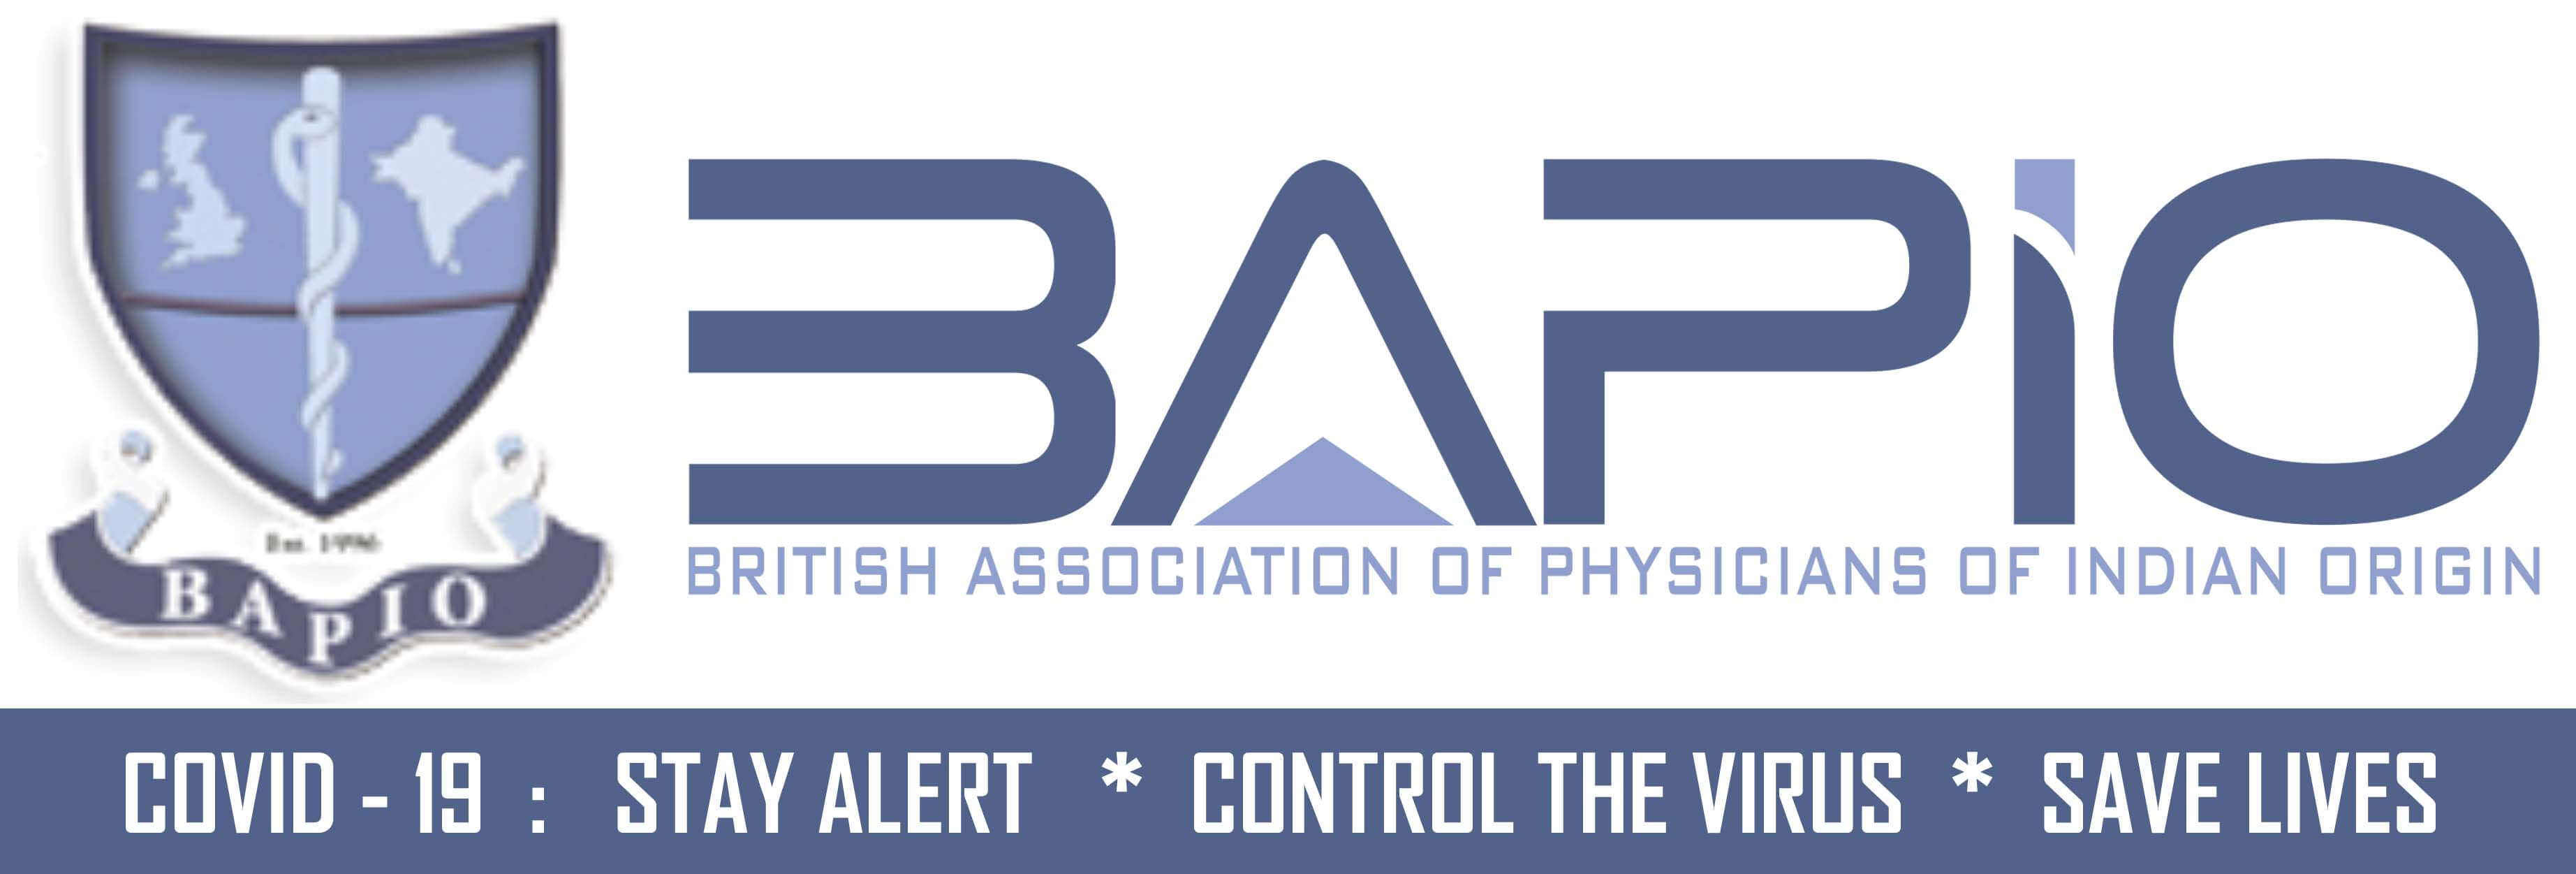 BAPIO | British Association of Physicians of Indian Origin